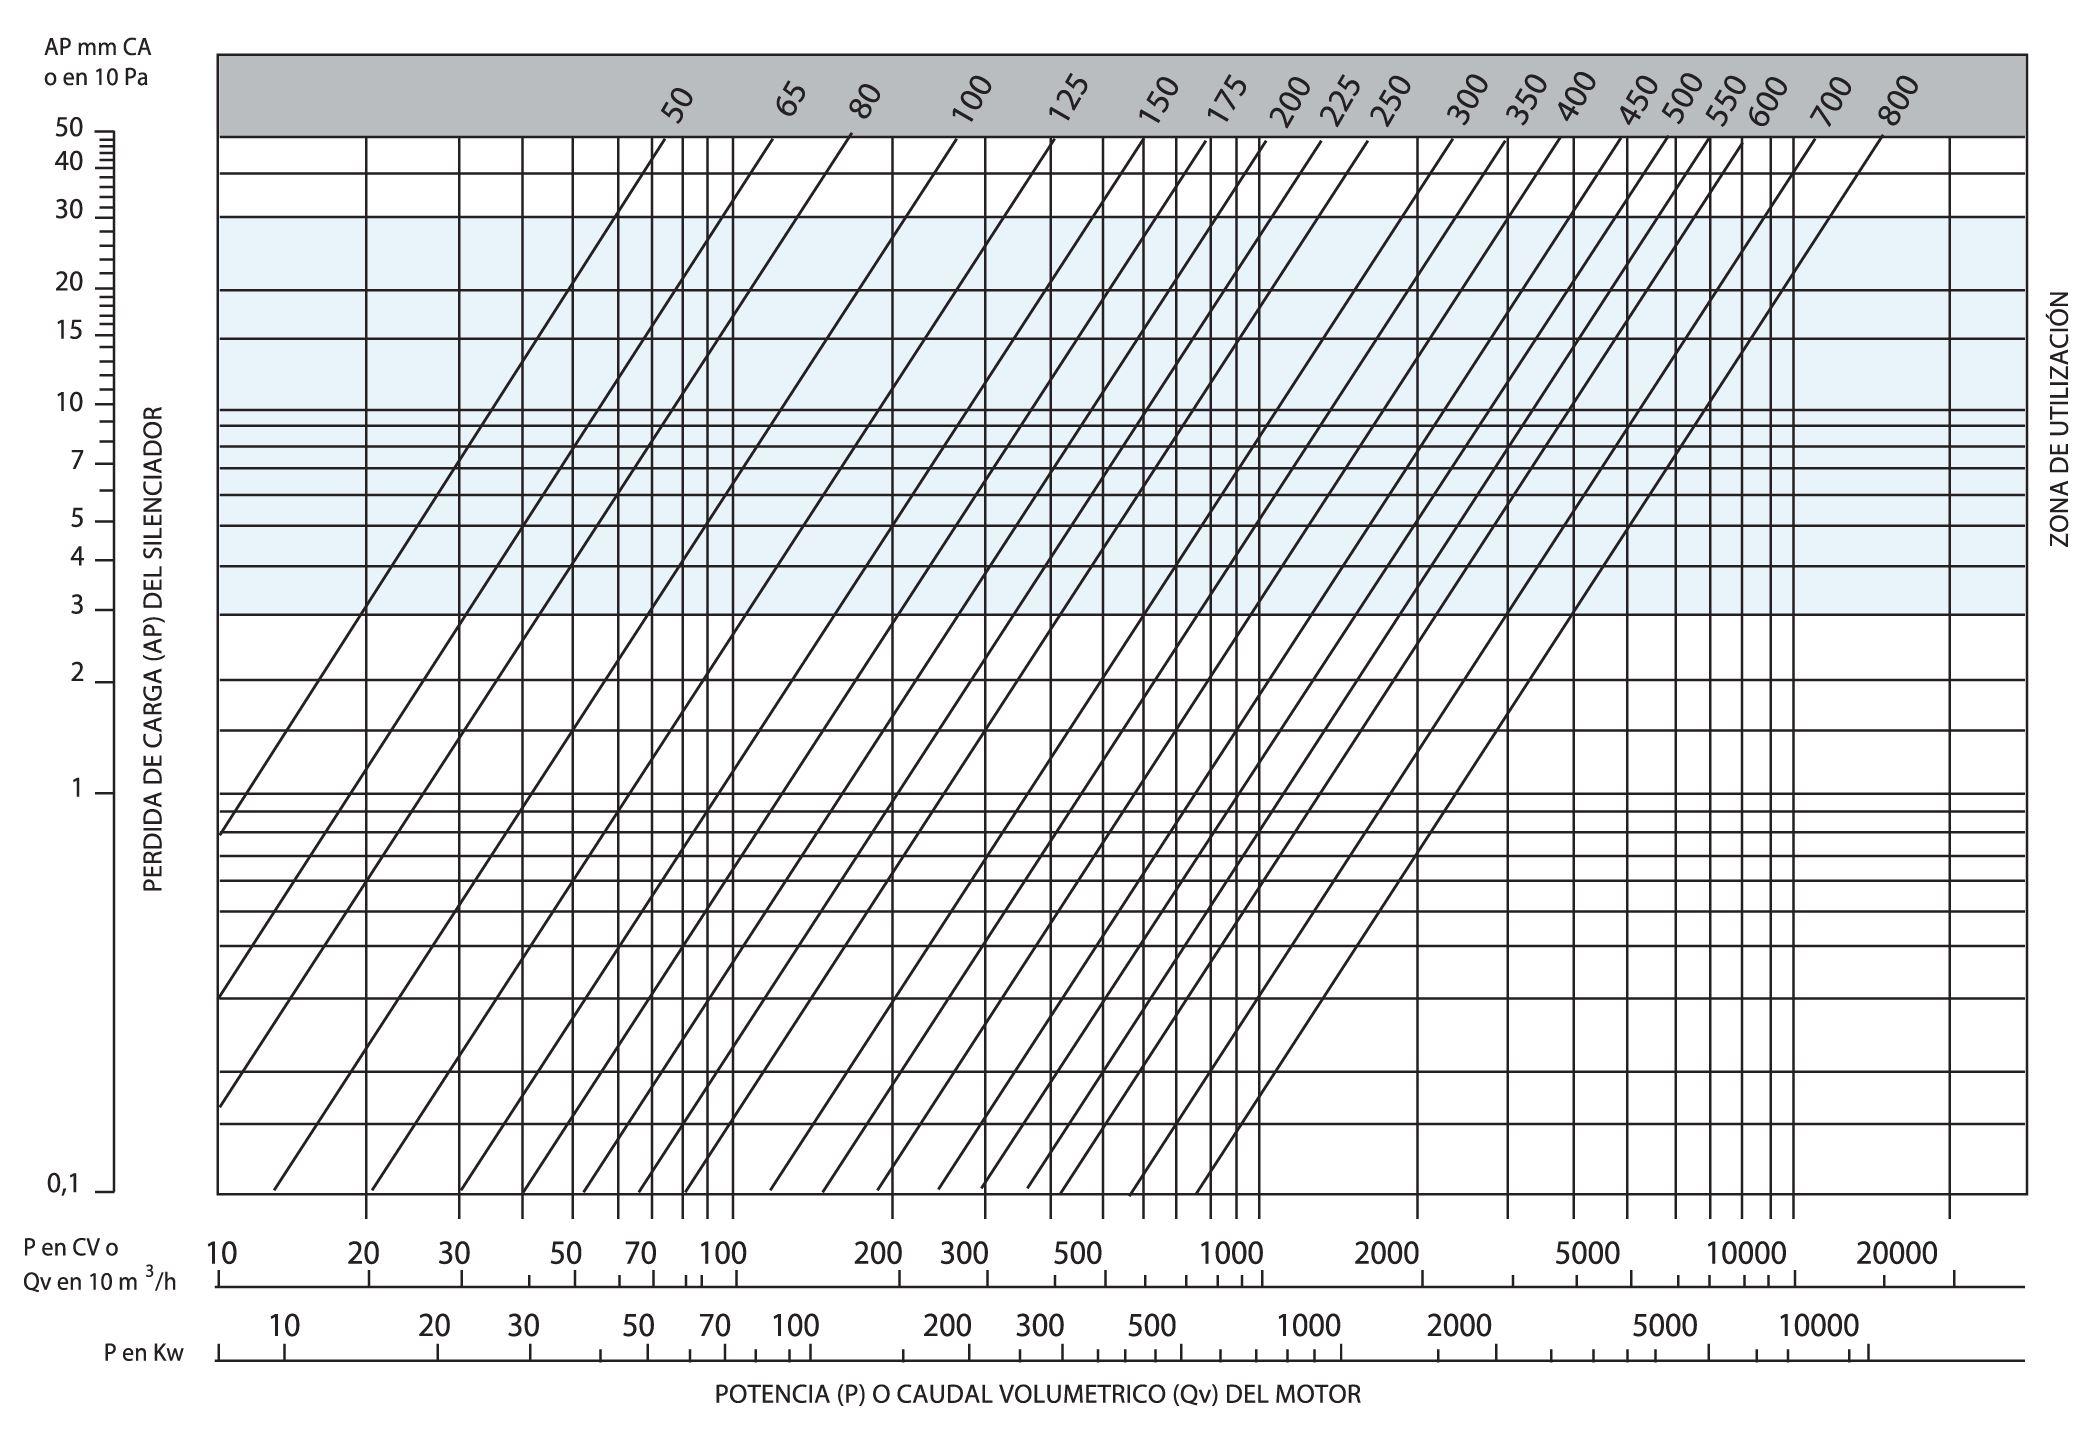 Tabla de aislamiento acustico relacionando potencia o caudal volumetrico del motor y la perdida de carga del silenciador marcando su zona de utilizacion de este modelo